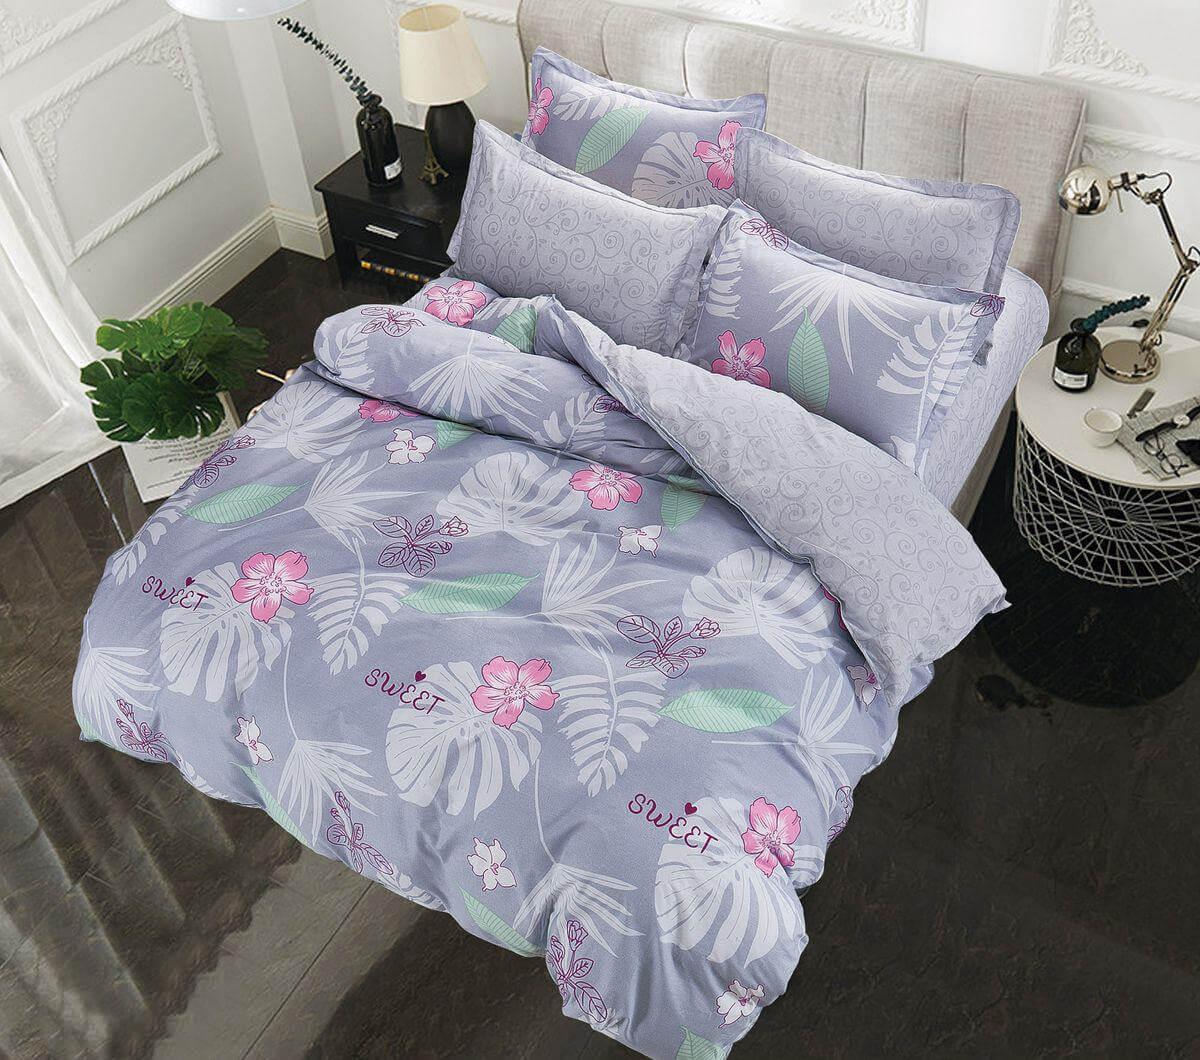 Комплект постельного белья 2-спальный с Евро простыней, поплин (Тропикана)